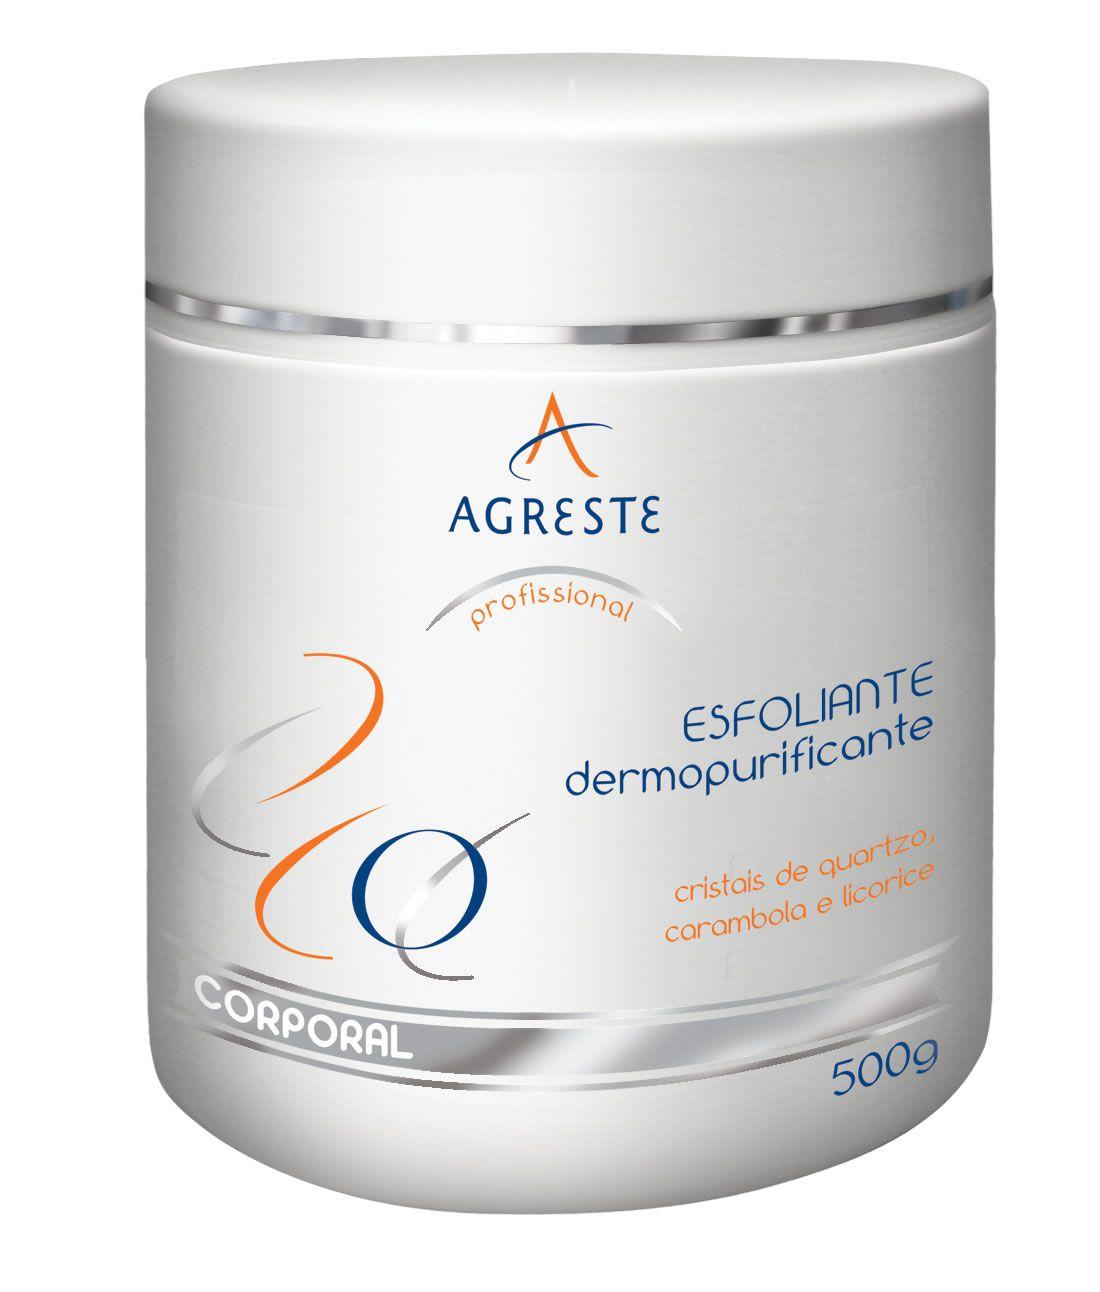 Esfoliante Dermopurificante - 500g  - Agreste Brasil - Cosmética Profissional